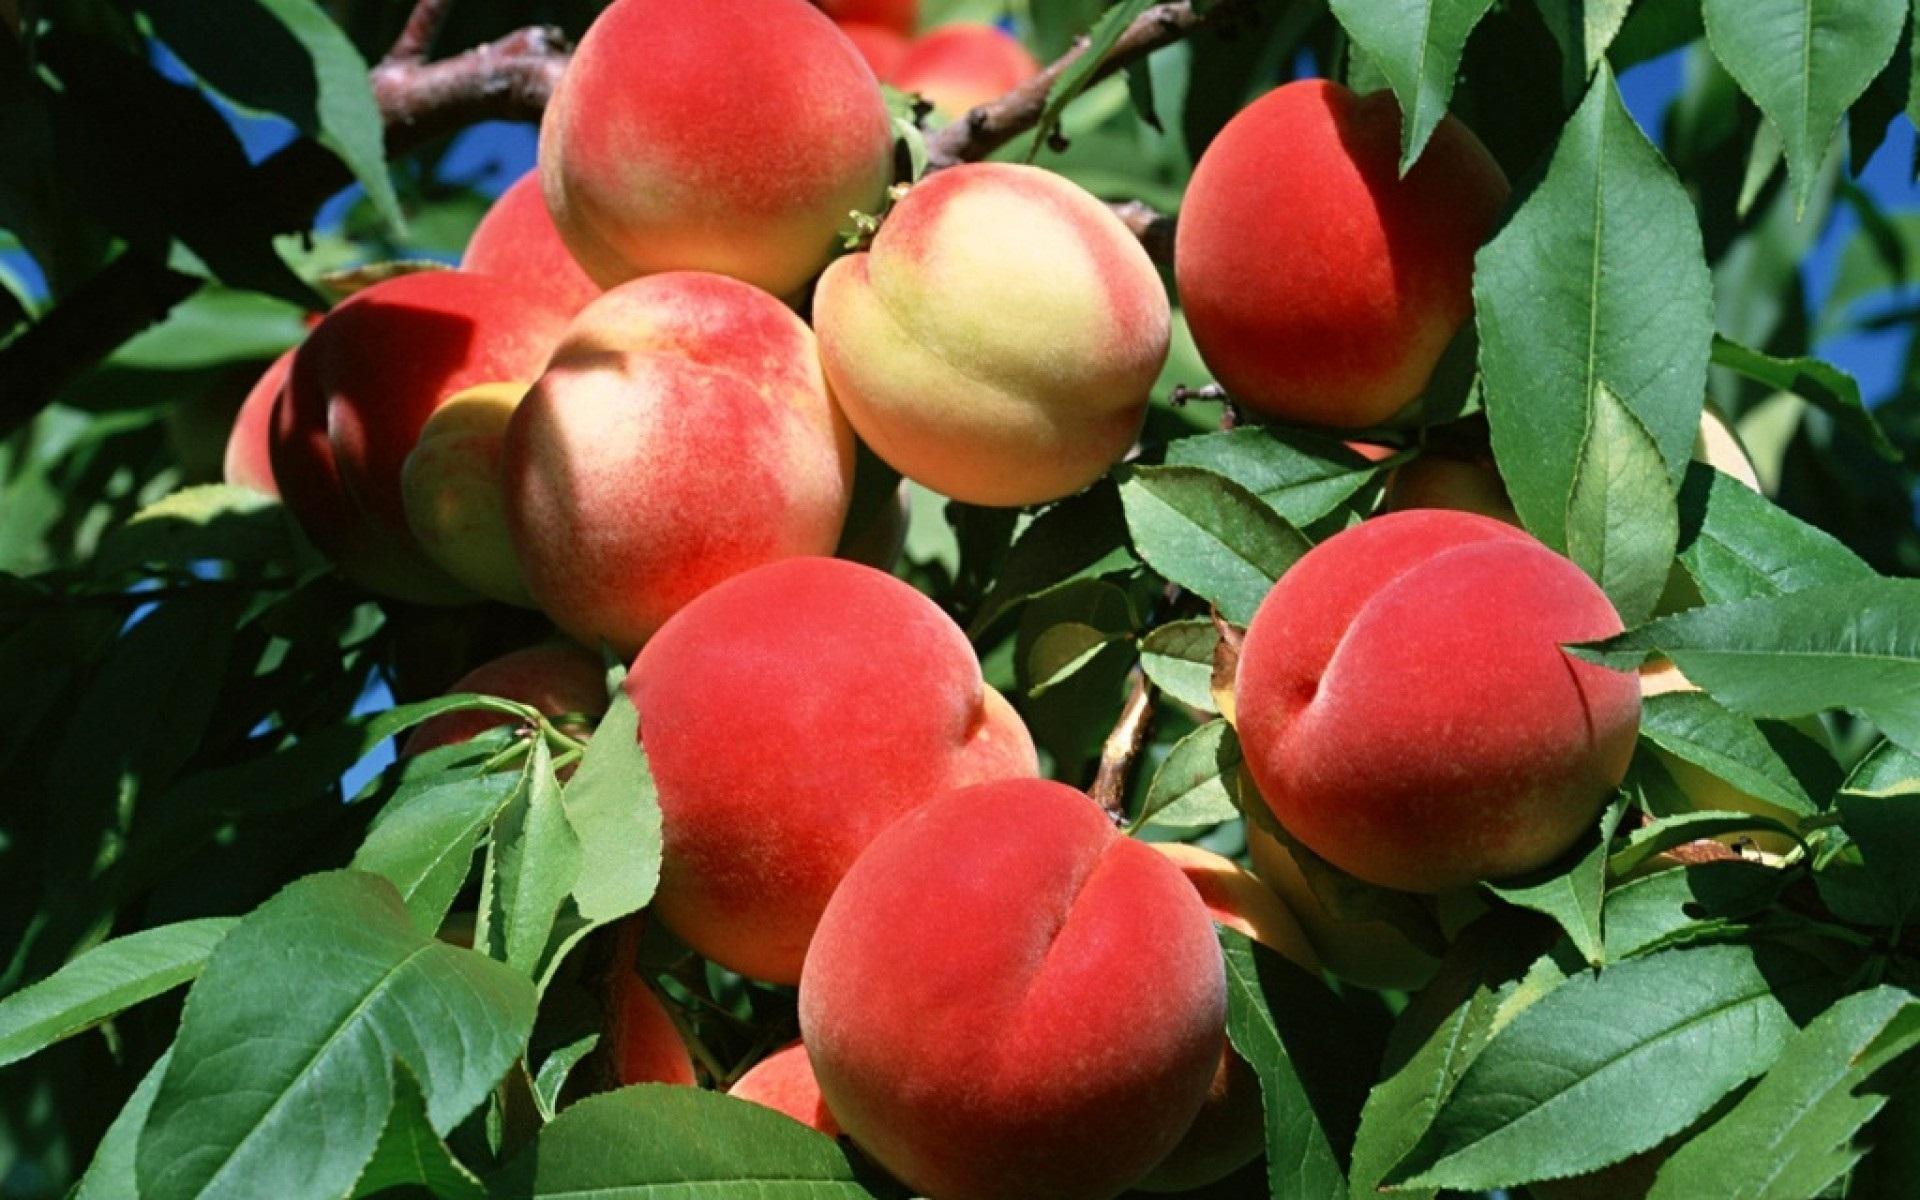 Местному жителю грозит пять лет за кражу персиков